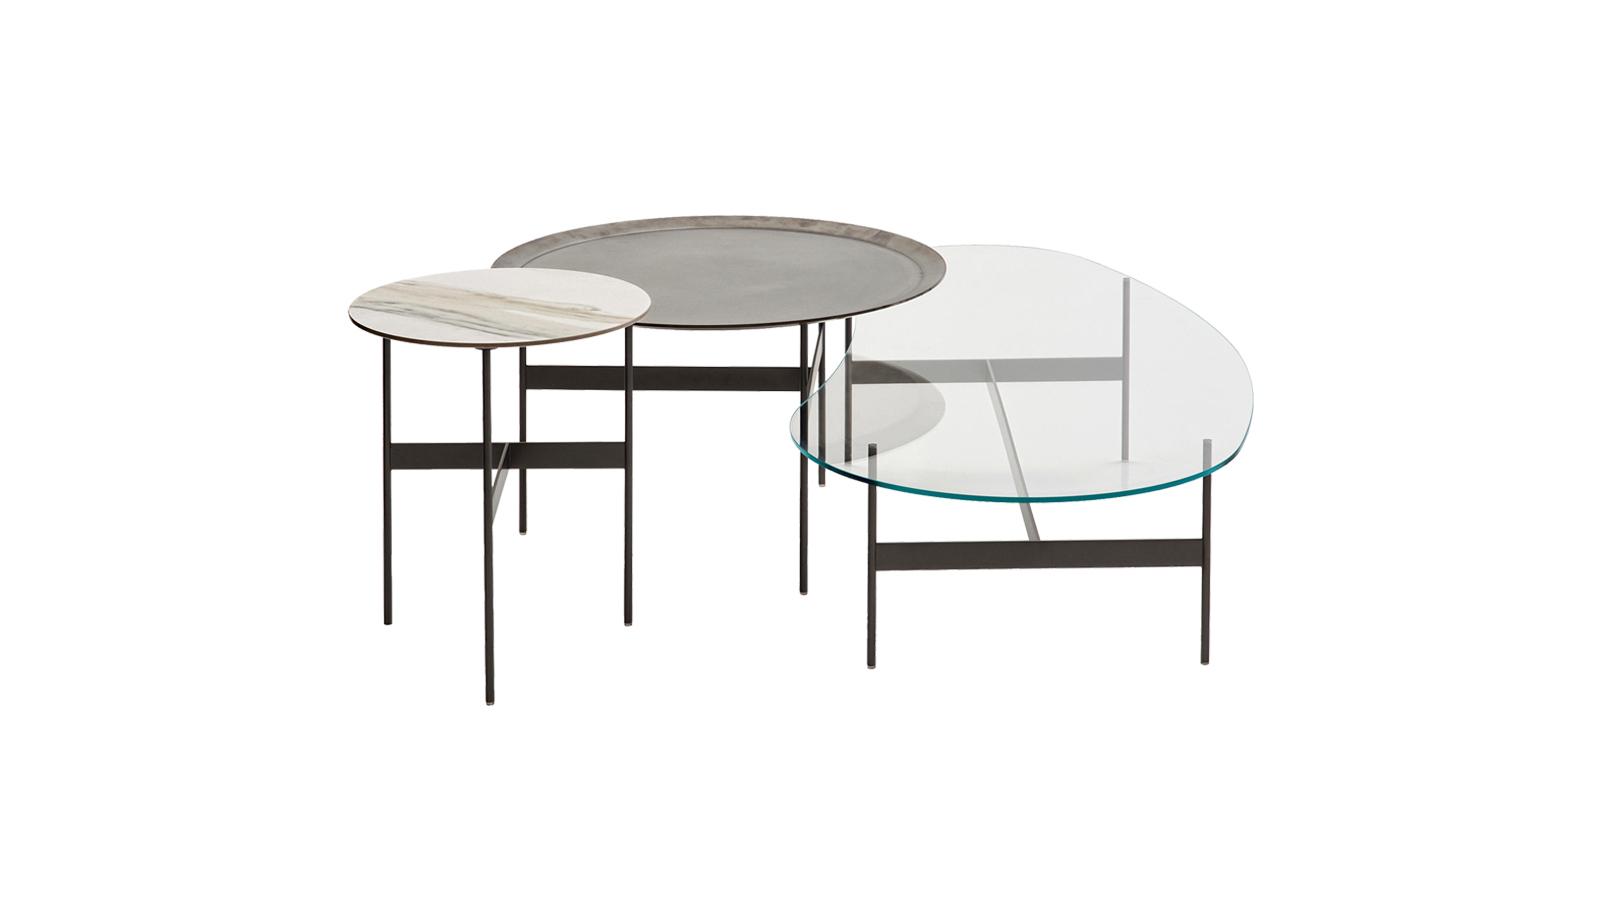 A Formiche asztalokat az egyszerűség és könnyedség jellemzi, így remekül illeszkednek a legkülönfélébb lakberendezési stílusokhoz is. Karcsú lábaik mérete változatos, míg kialakításuk lehetővé teszi a többféle alakú (kerek, ovális) asztallap hordozását, melyek anyaga szintén több verzióból választható.